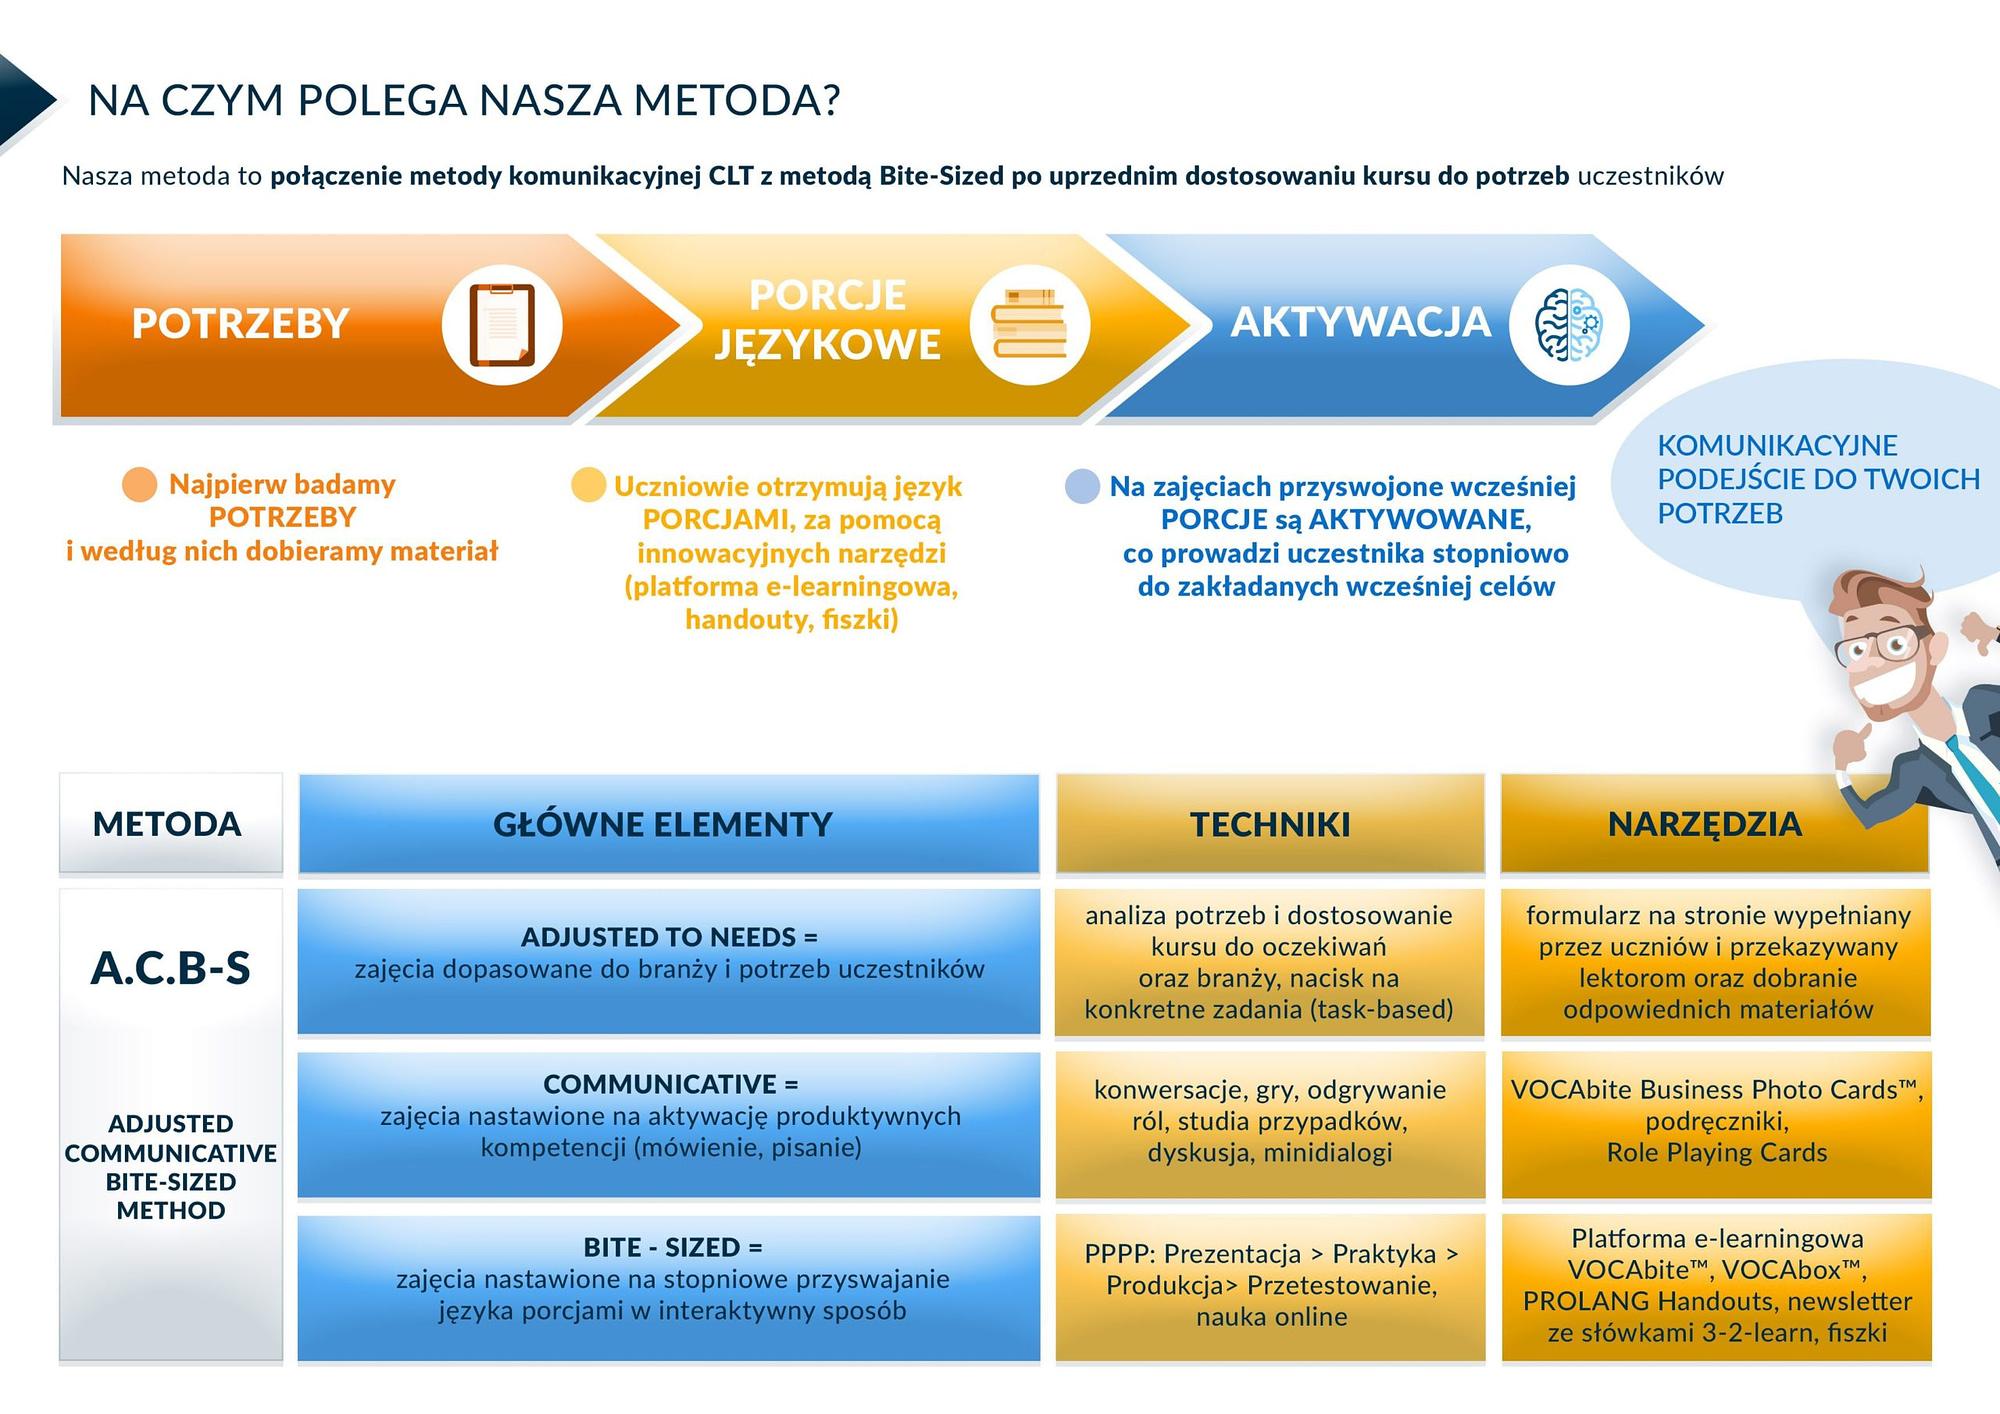 METODA_PROLANG kursy językowe dla firm